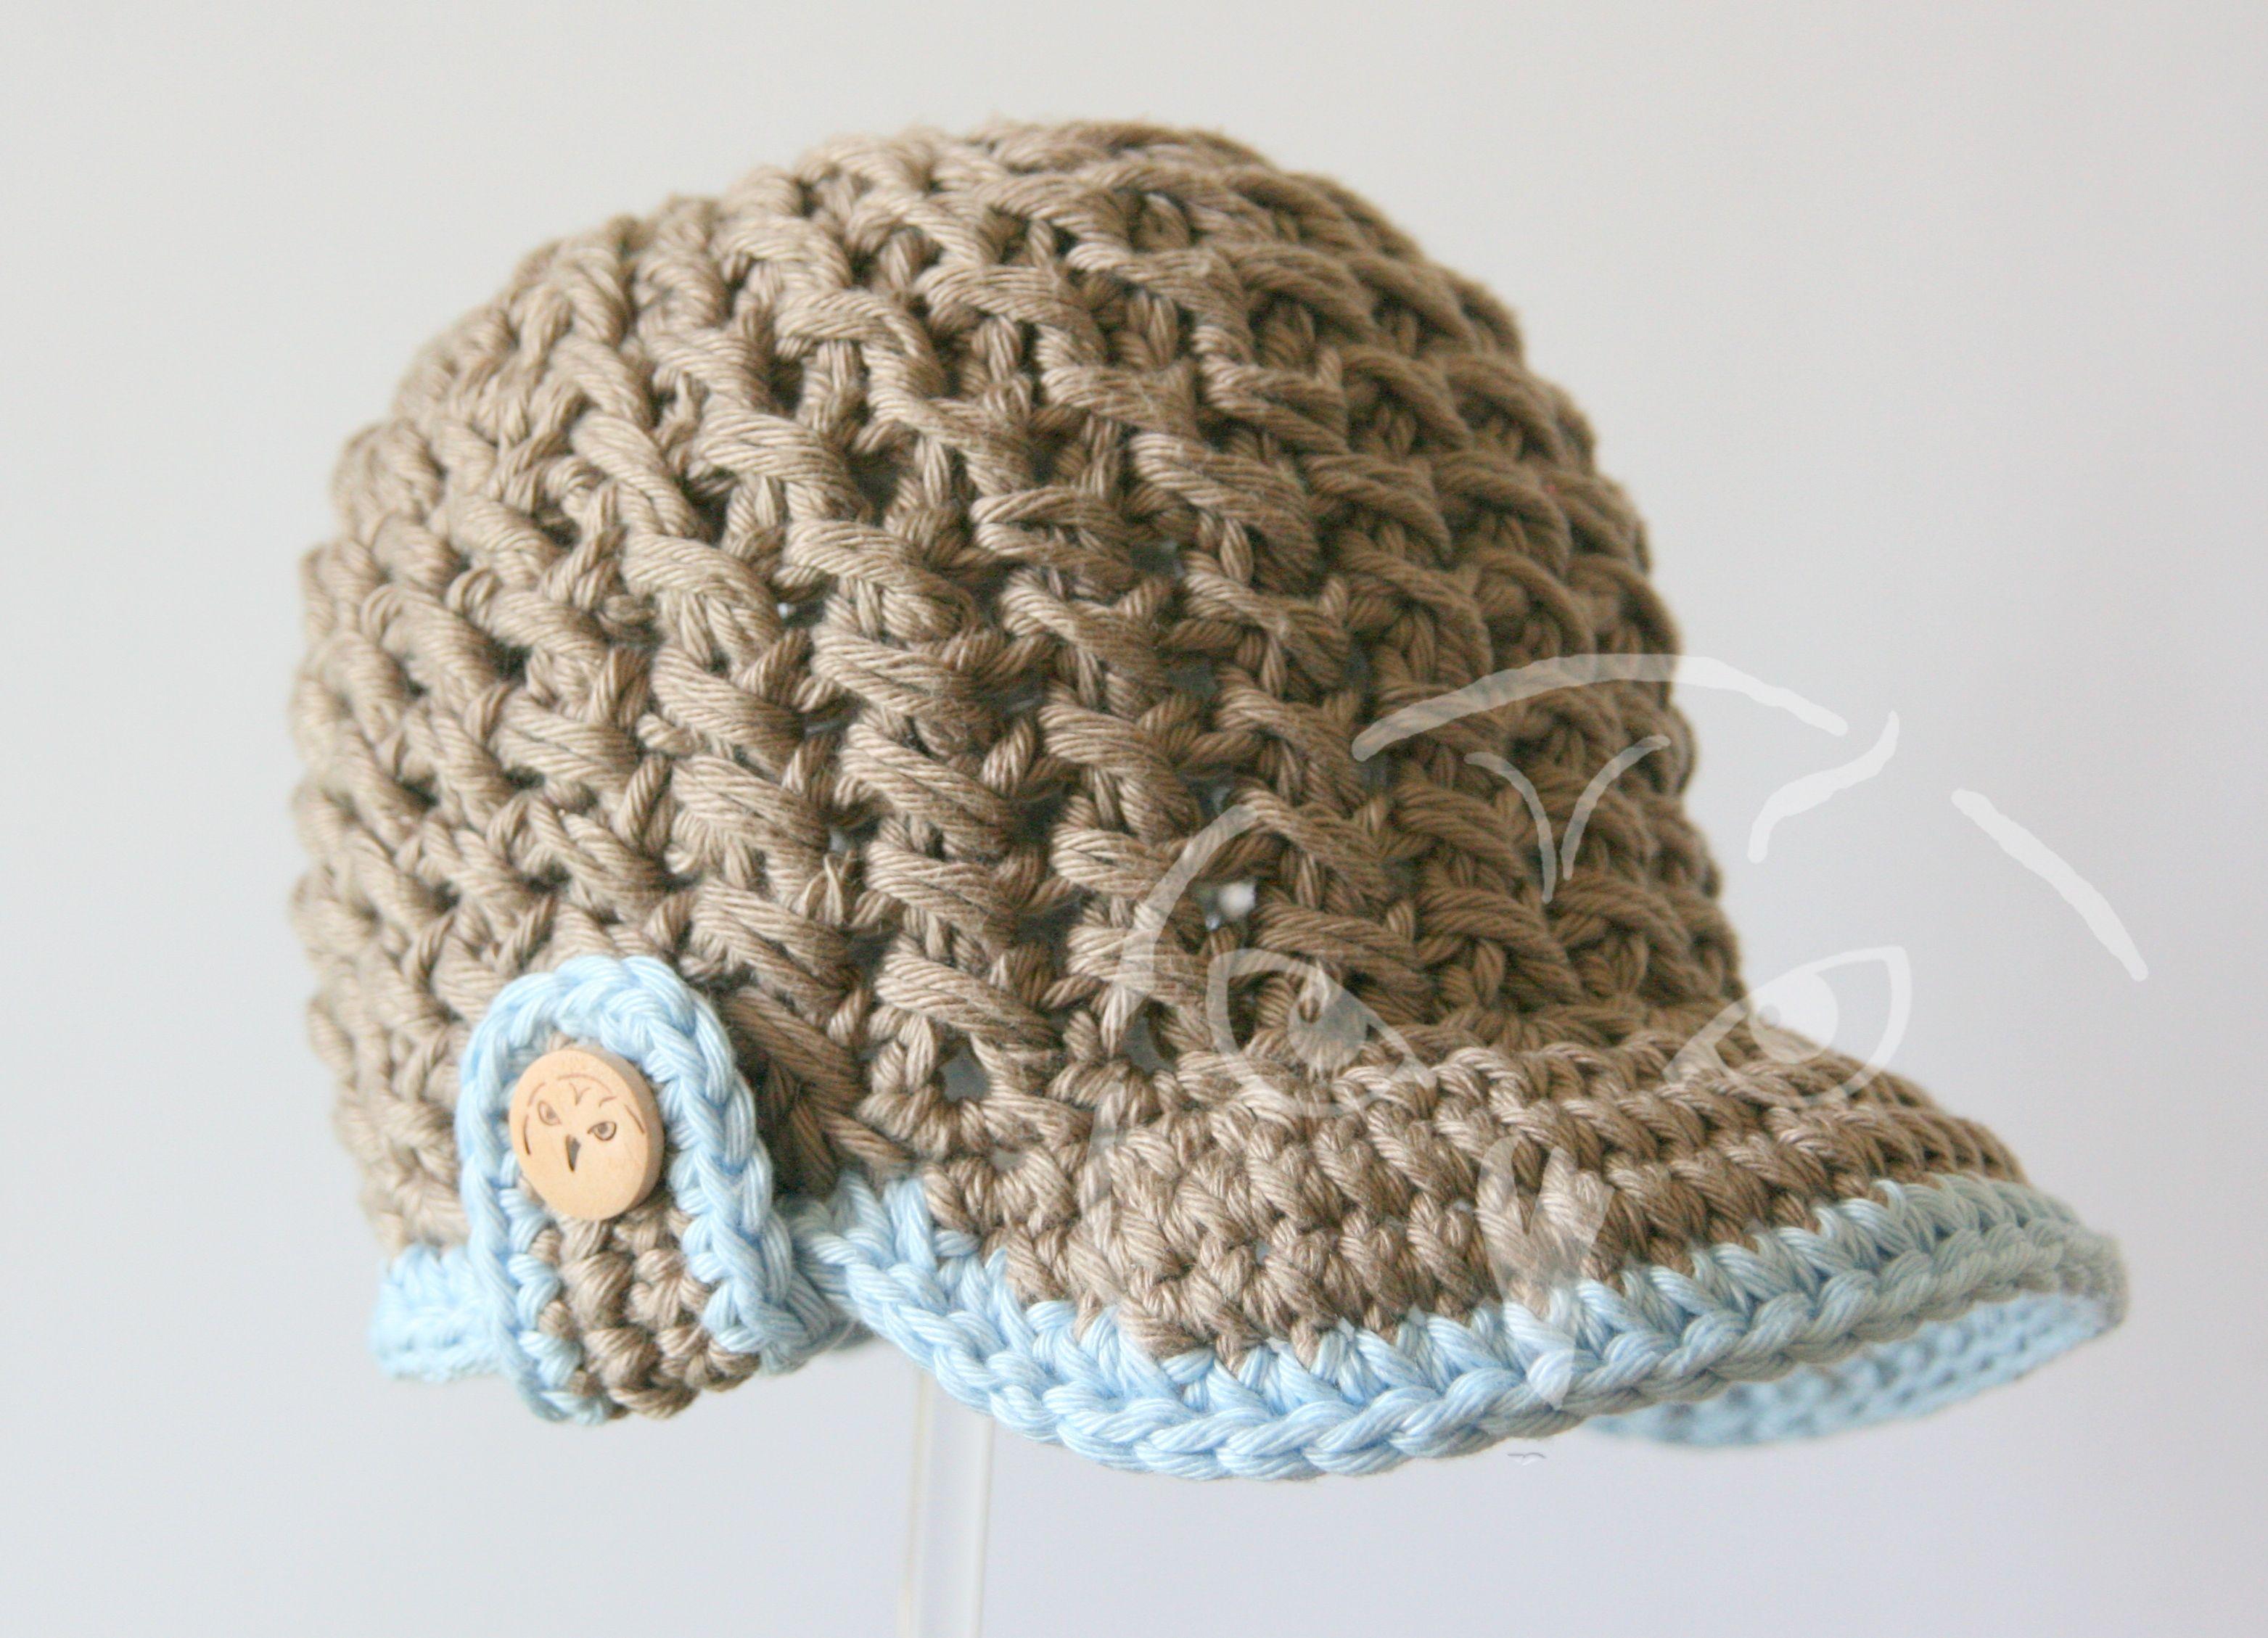 coole bergangsm tze junge geh kelt crochet hat boy kinder m tzen geh kelt babyausstattung. Black Bedroom Furniture Sets. Home Design Ideas